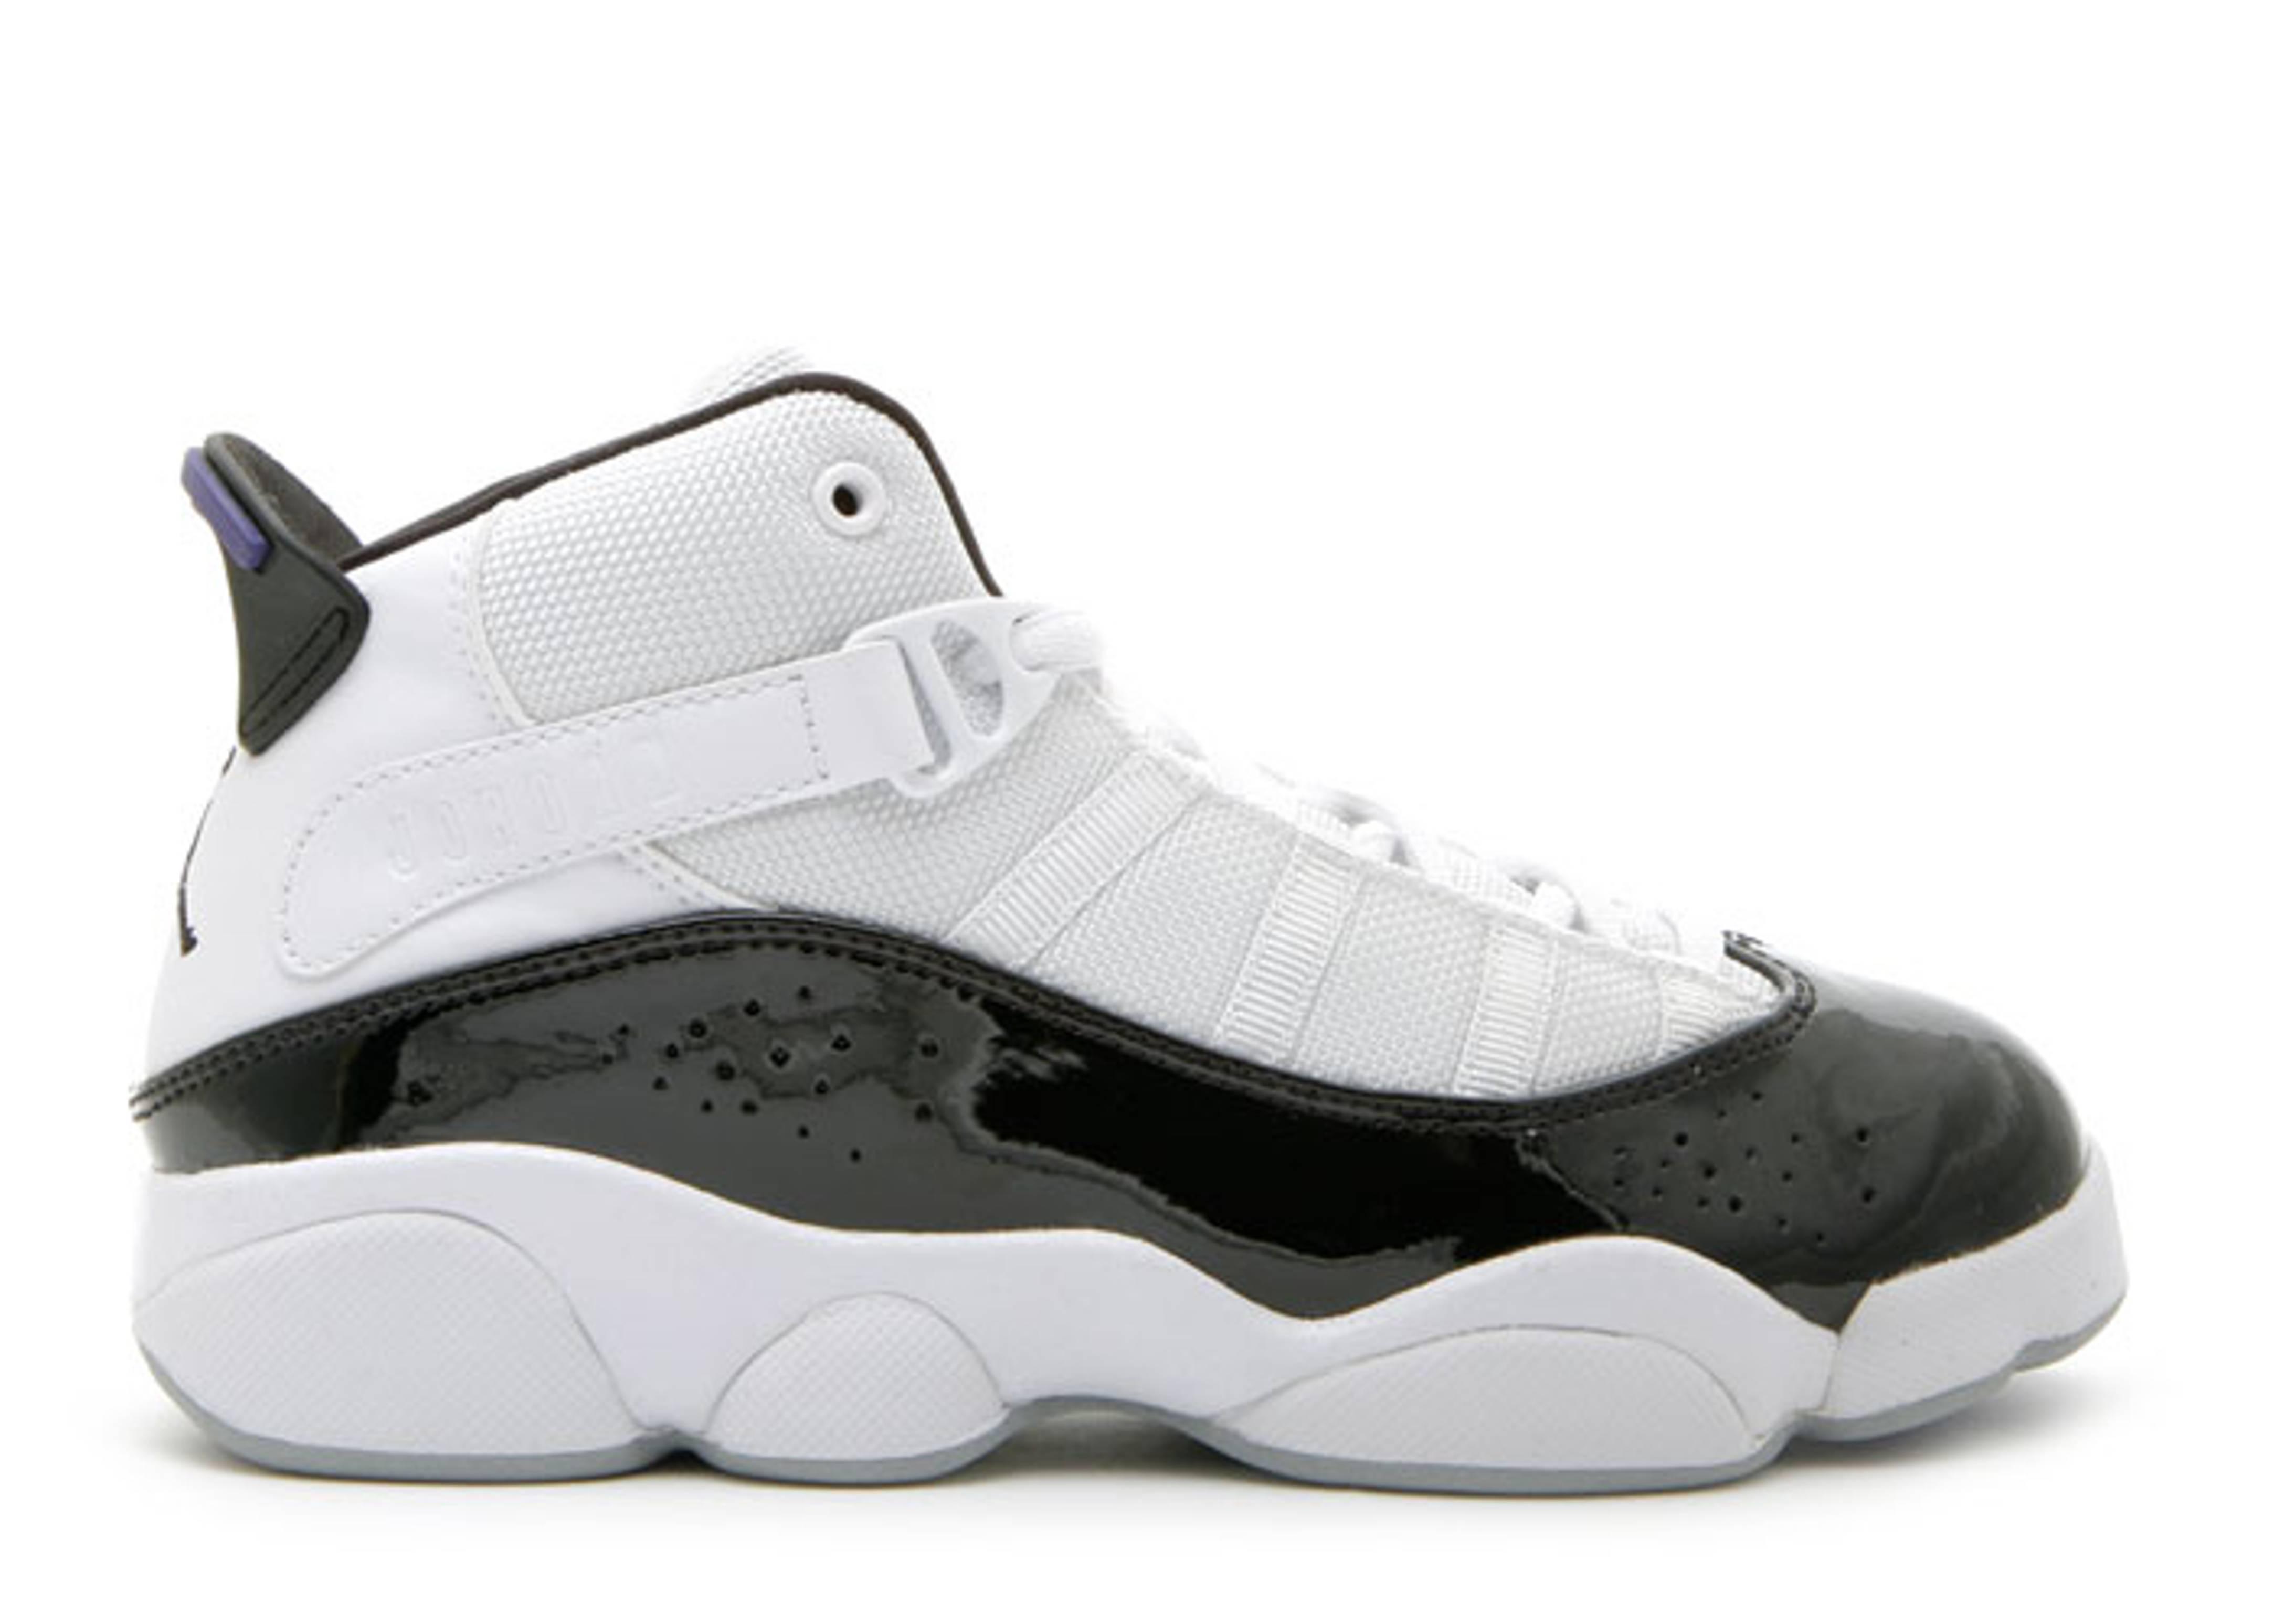 632c85be237aa9 Jordan 6 Rings (ps) - Air Jordan - 323432 152 - white dark concord ...